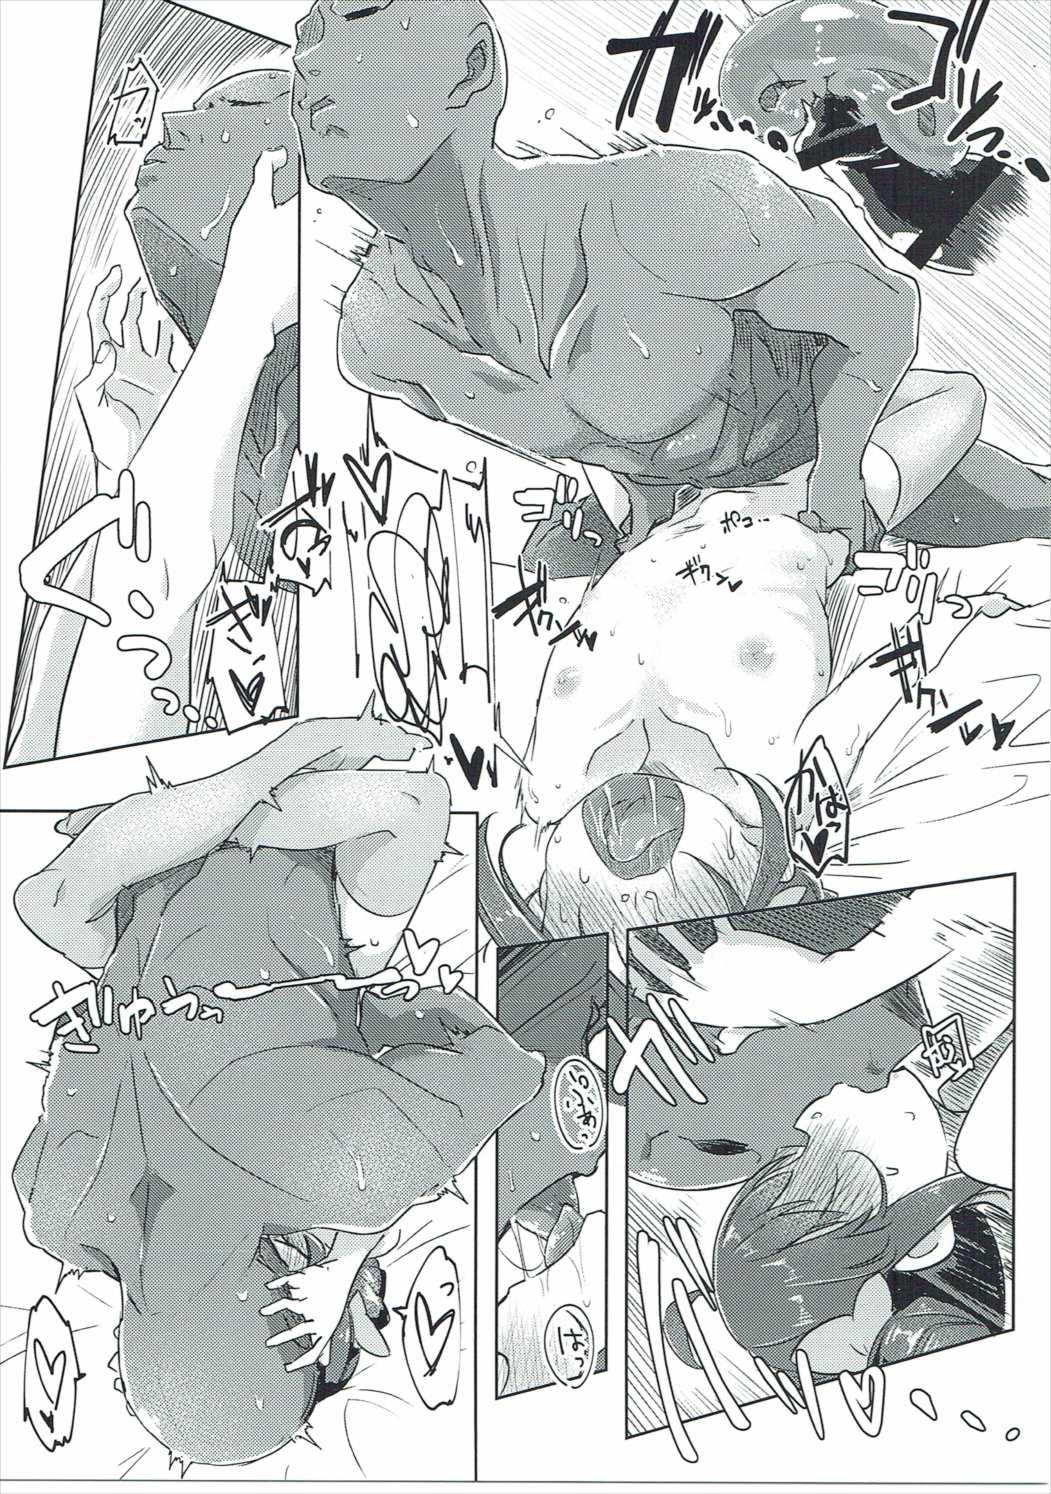 【スマプリ エロ漫画・エロ同人】貧乳ロリな星空みゆきが欲しいものの為にJCさんぽに挑戦wエッチな事するって知らなかったけど相手のお兄さんがいい人だったからちょっとずつ身体触らせてセックスまでしちゃったwww (28)